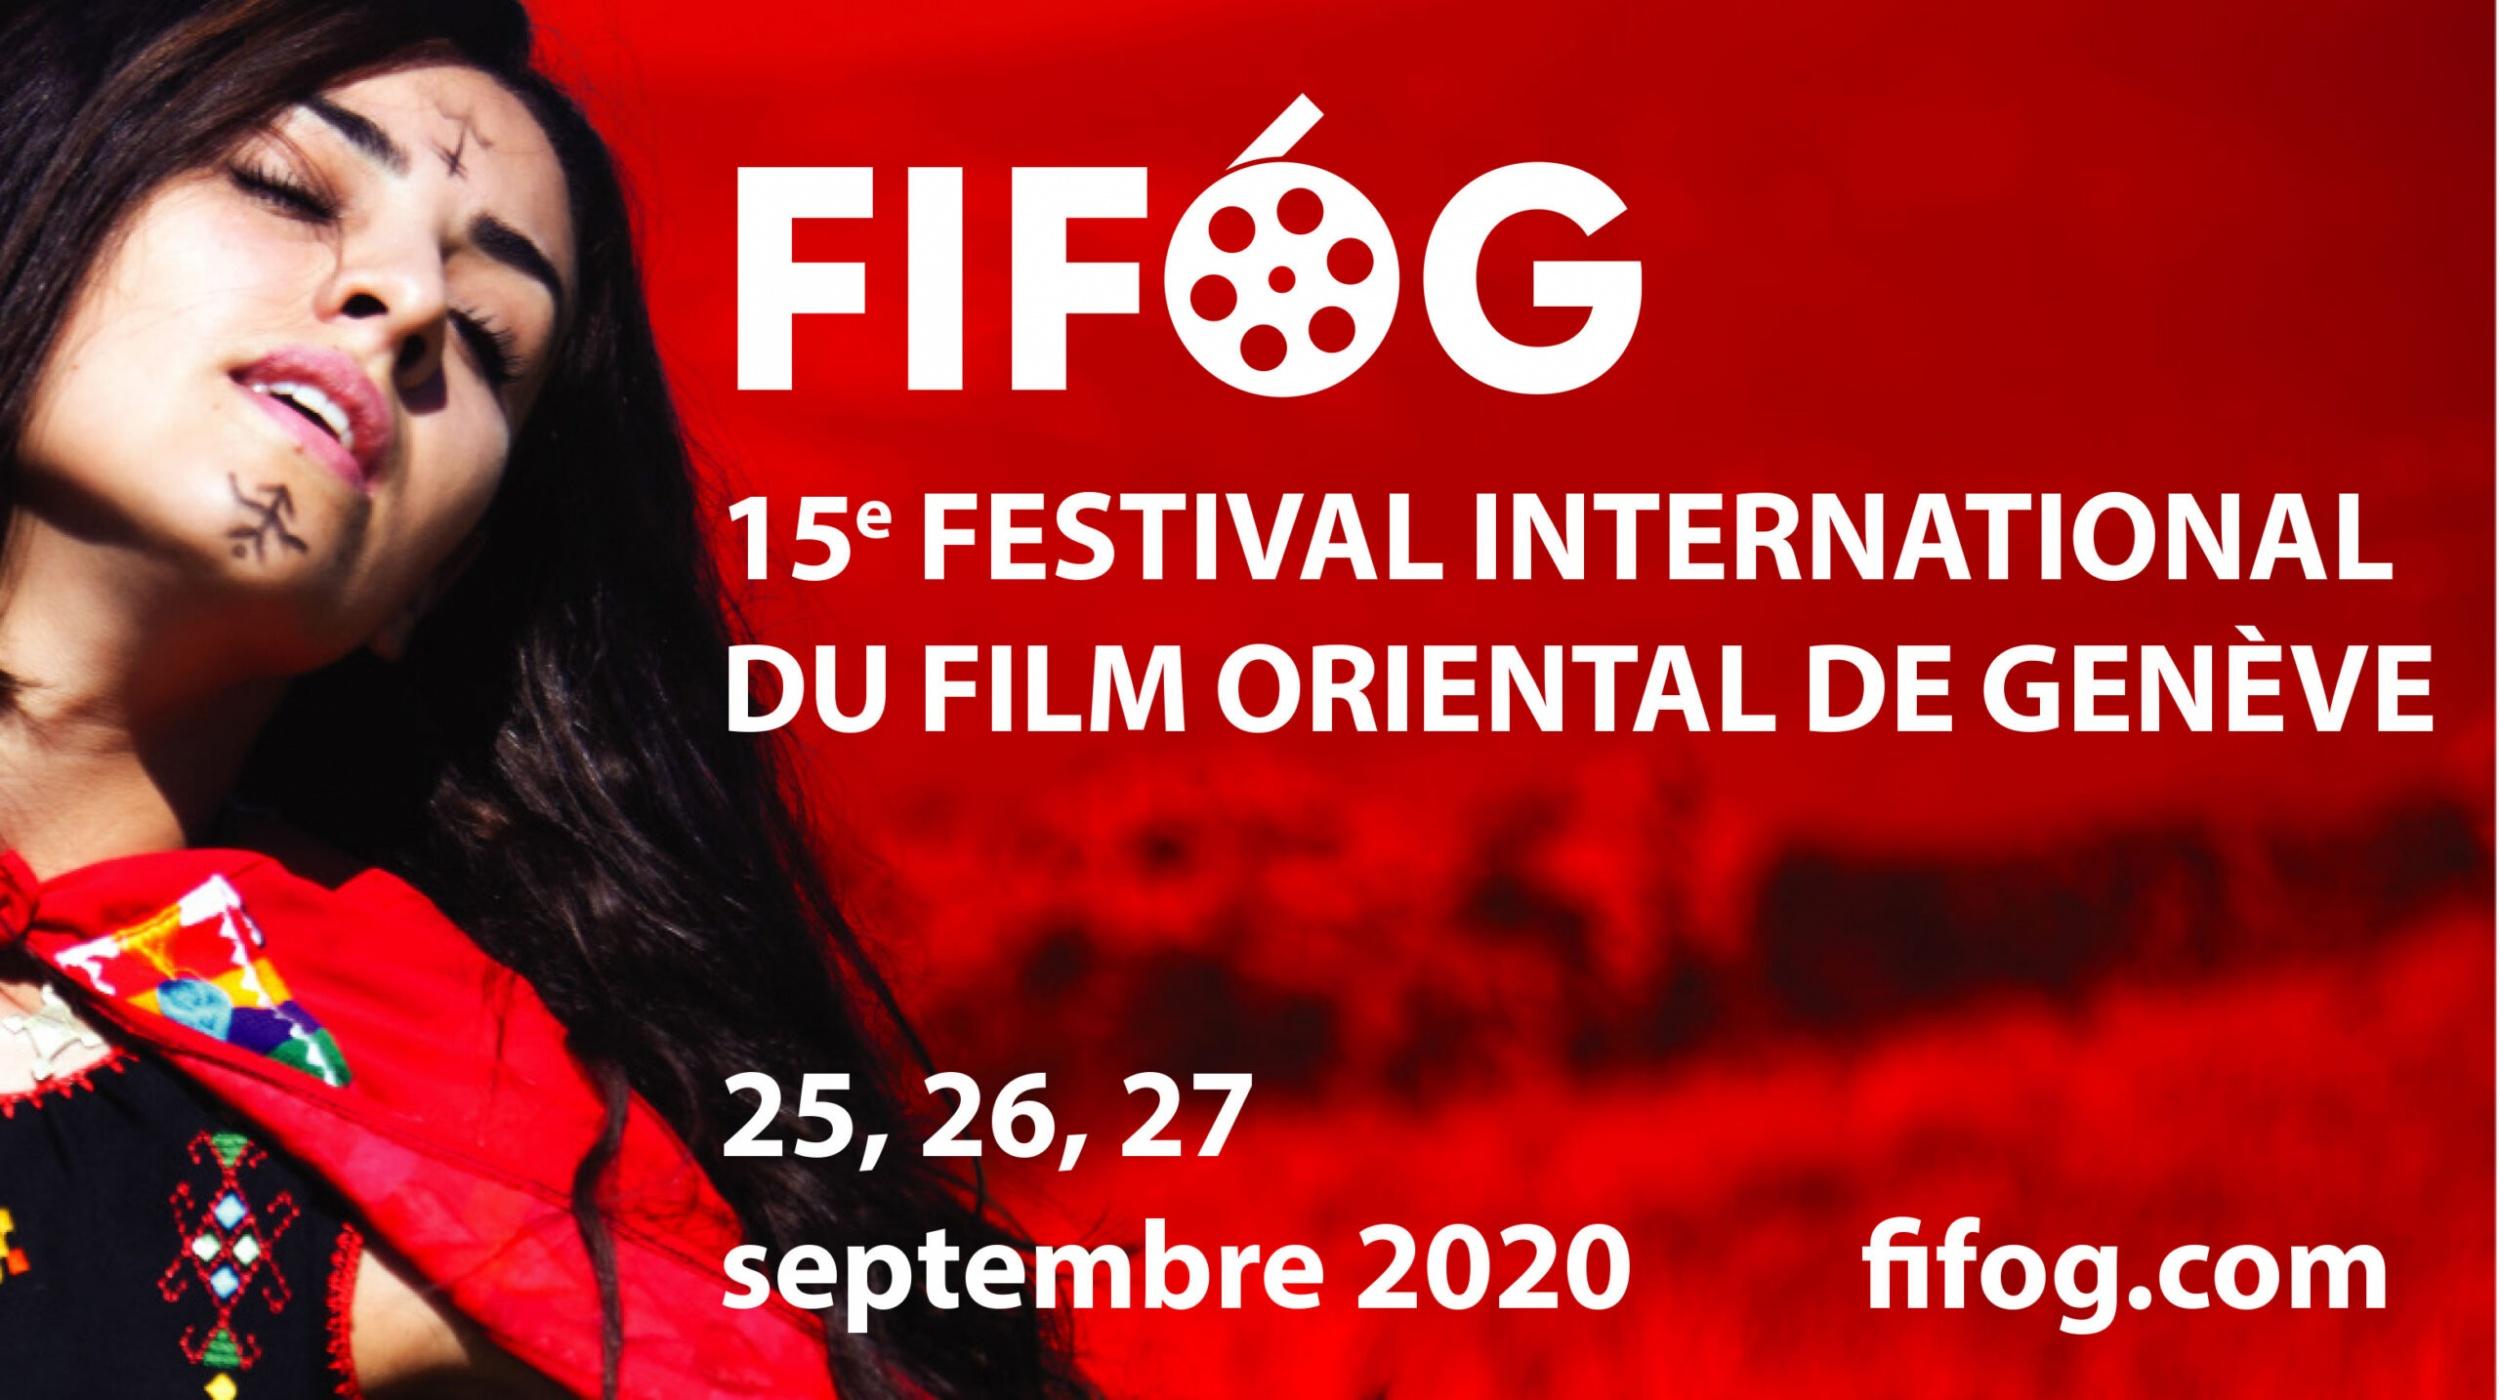 Soirée de soutien au festival du film oriental de Genève (FIFOG)